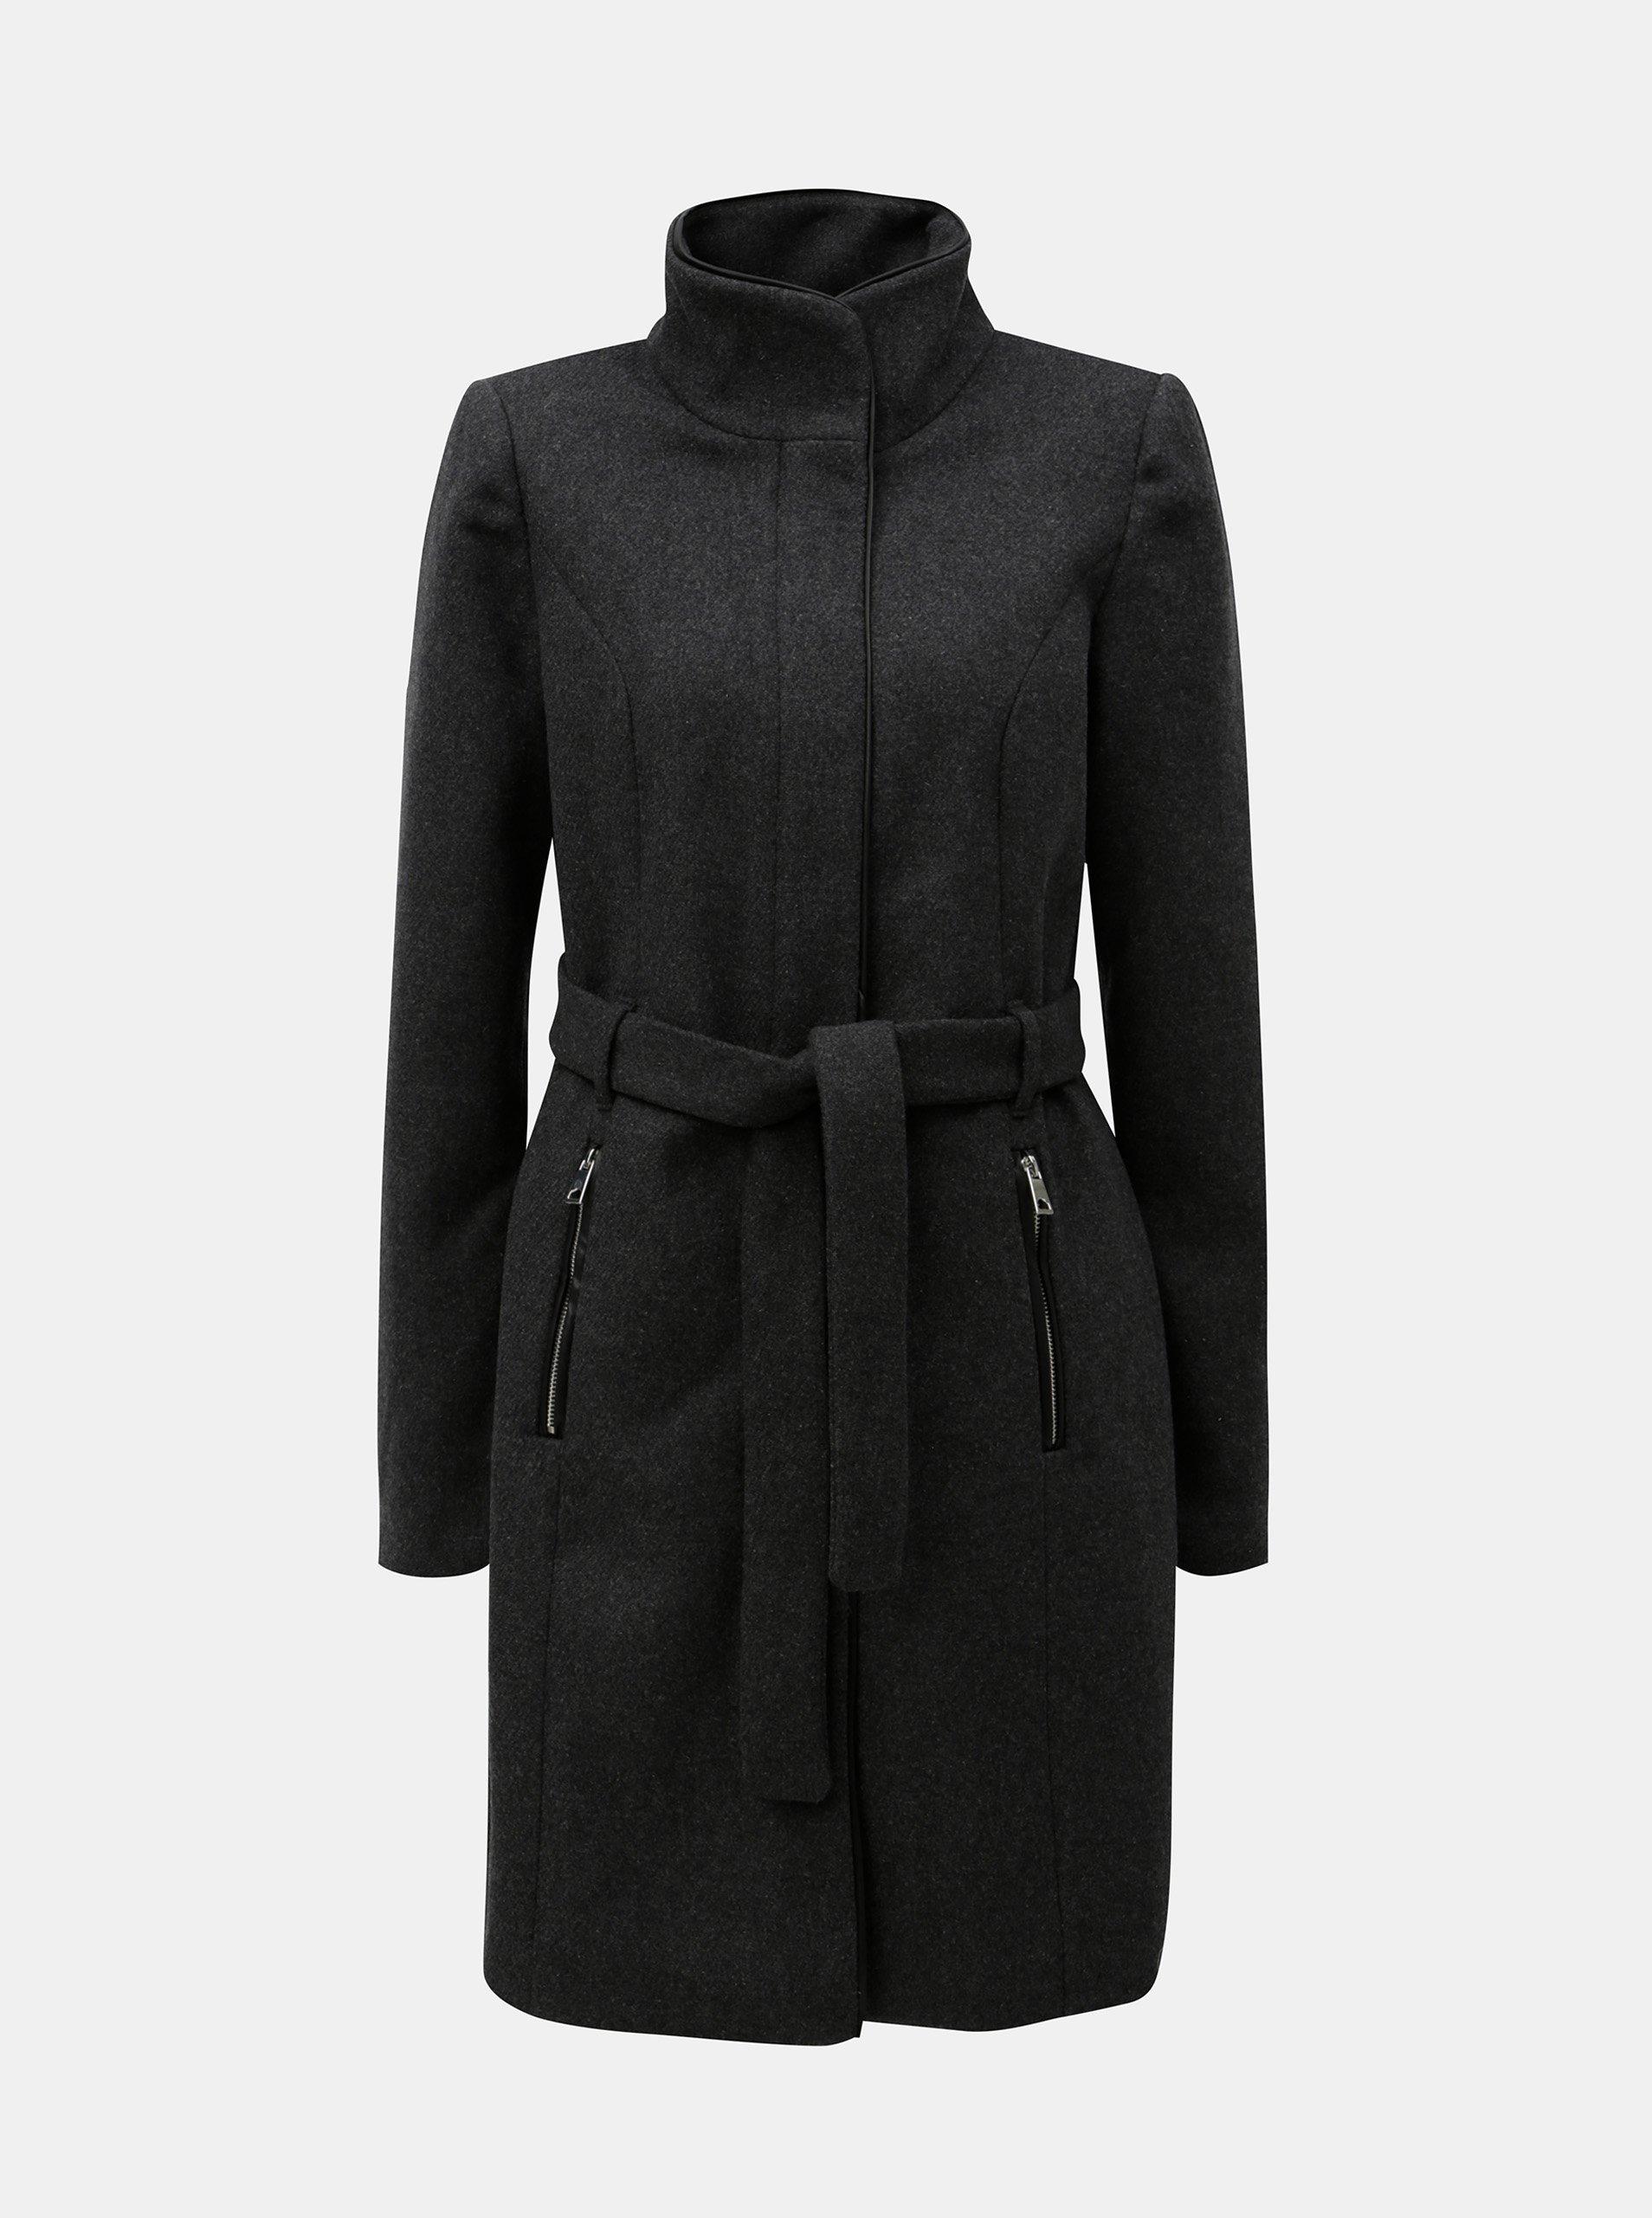 Tmavě šedý kabát s příměsí vlny VERO MODA Bessy